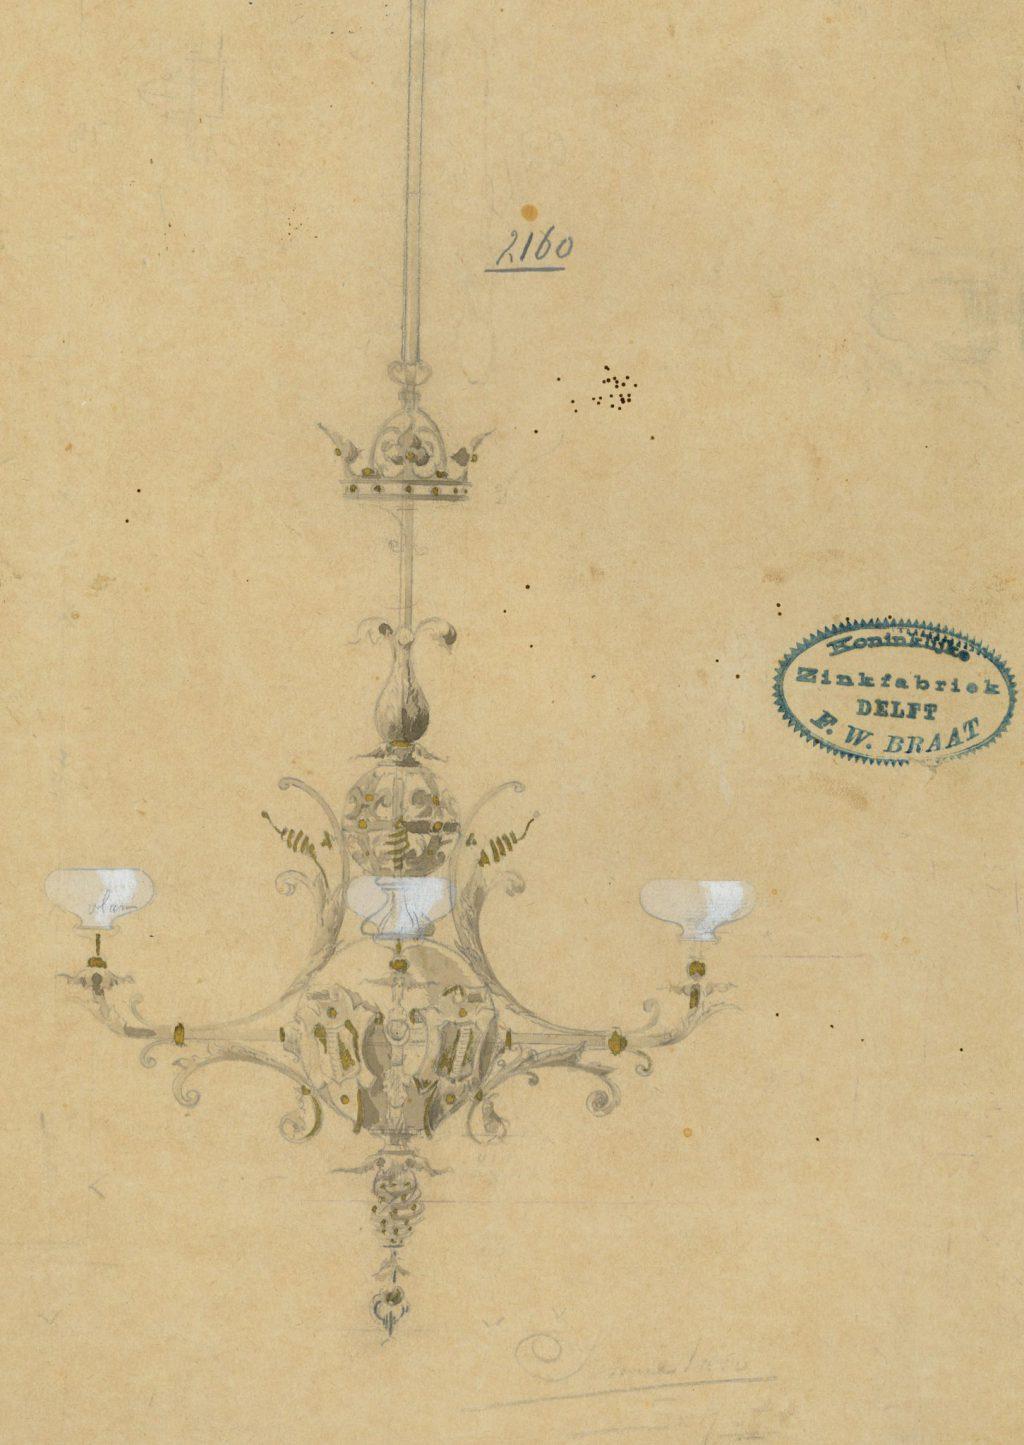 Ontwerp voor een kroonluchter voor de kamer van Burgemeester en Wethouders, ca. 1895-1905. Van 1994 tot 2017 hing de lamp in de voorkamer van Oude Delft 169, het voormalige Stadsarchief. (TMS 68473)